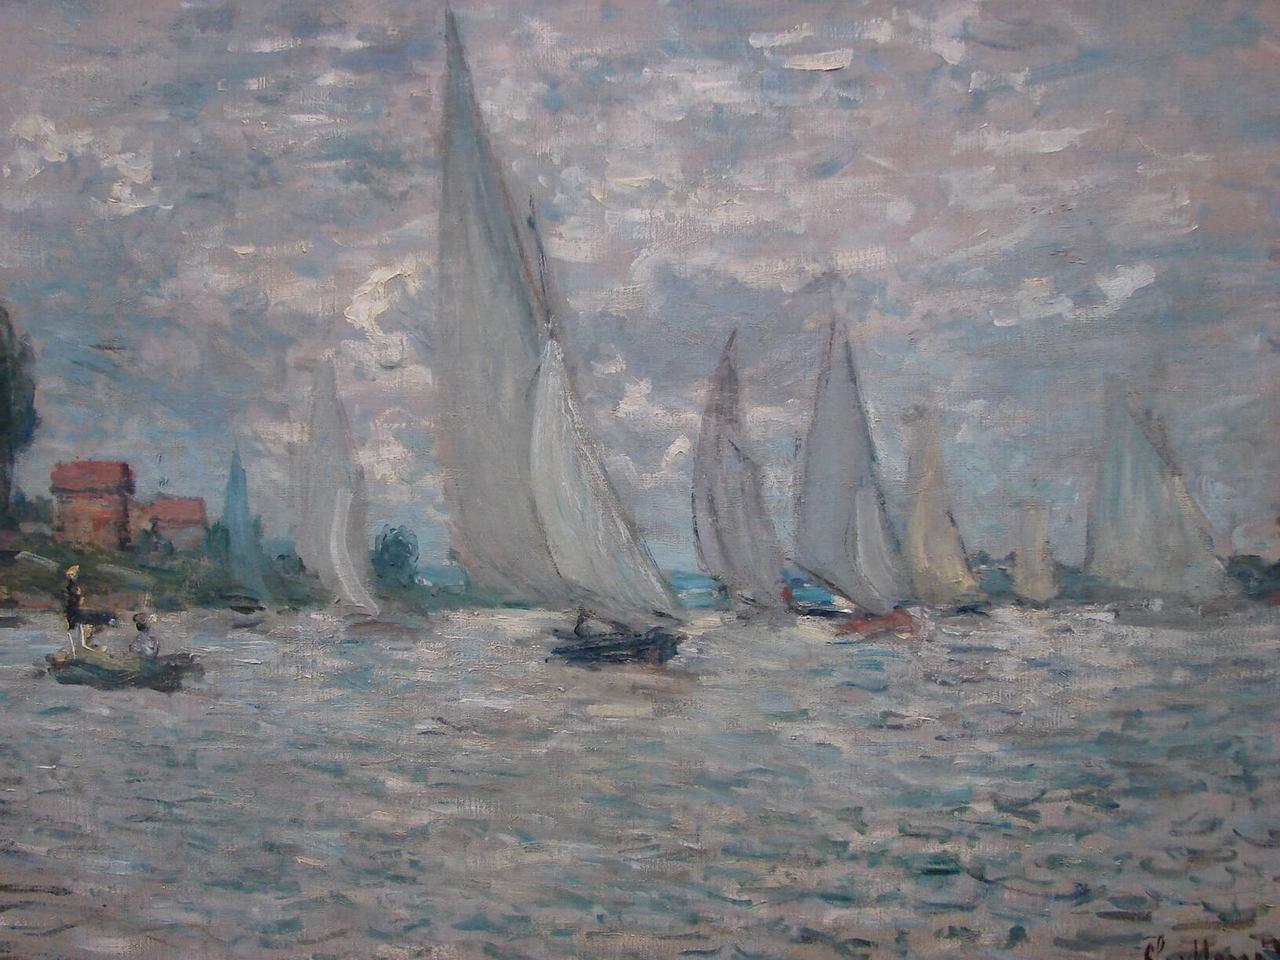 Impresionismo: 'Las barcas. Regatas en Argenteuil' de Claude Monet, uno de los pintores impresionistas más famosos.